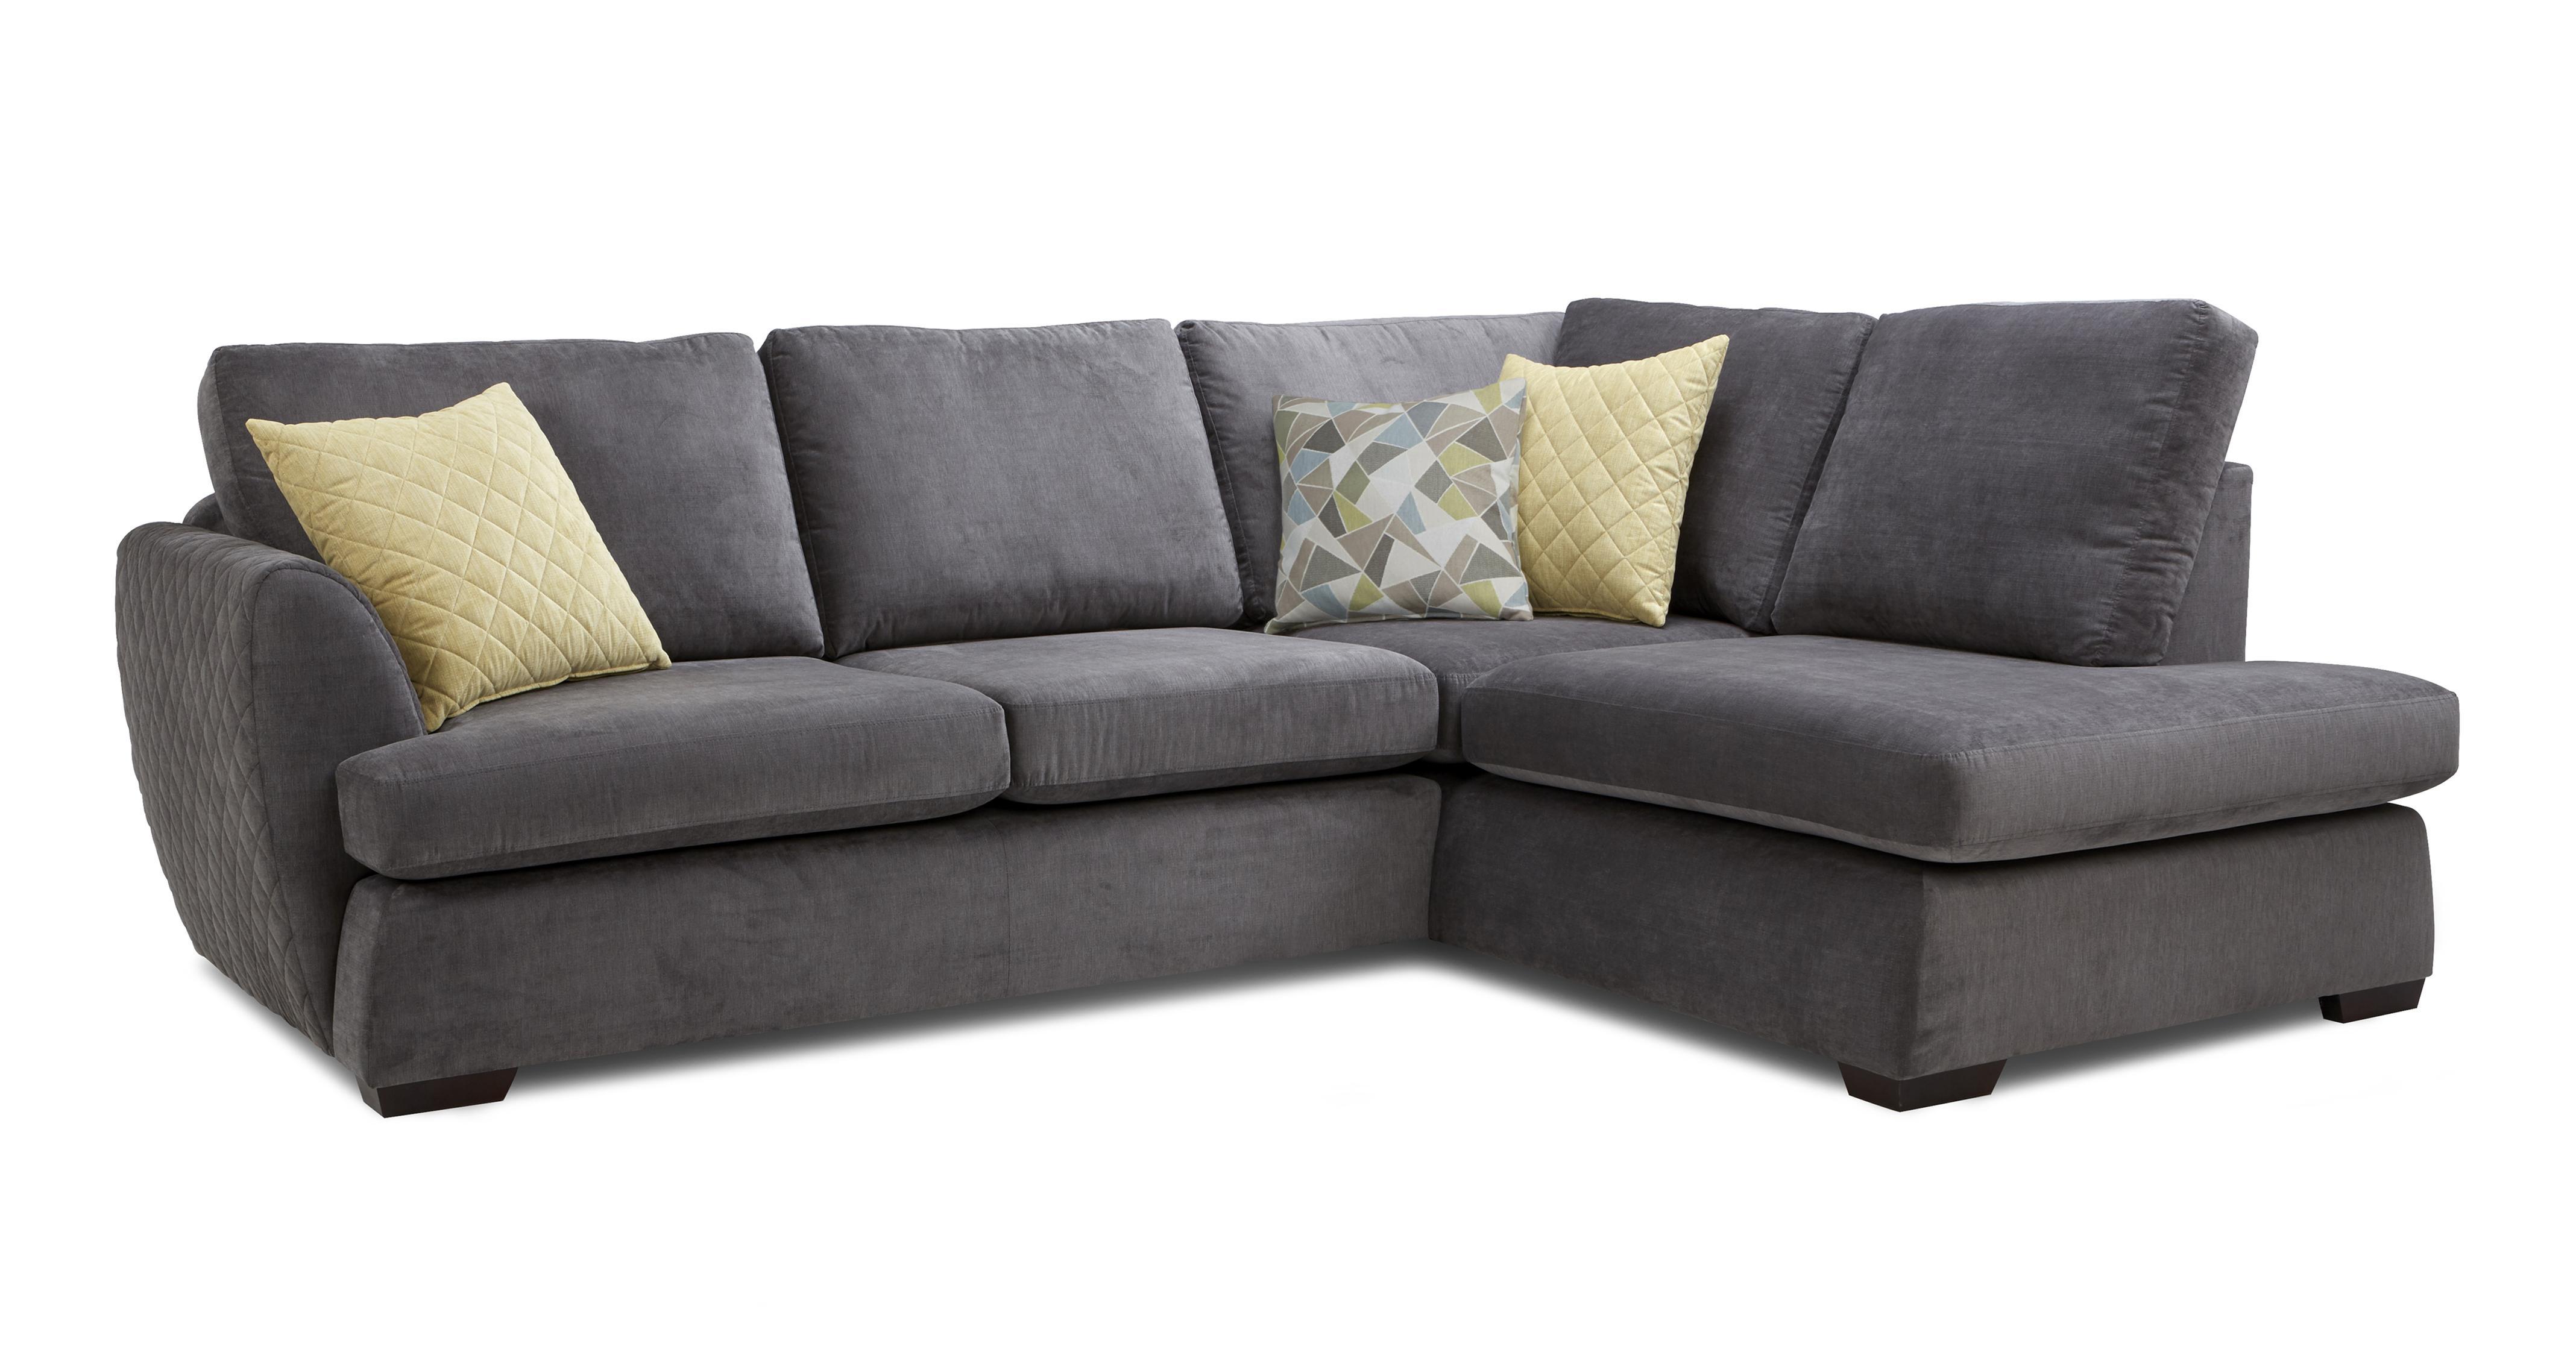 sofa express uk reviews velvet sofas for sale dfs shannon brokeasshome